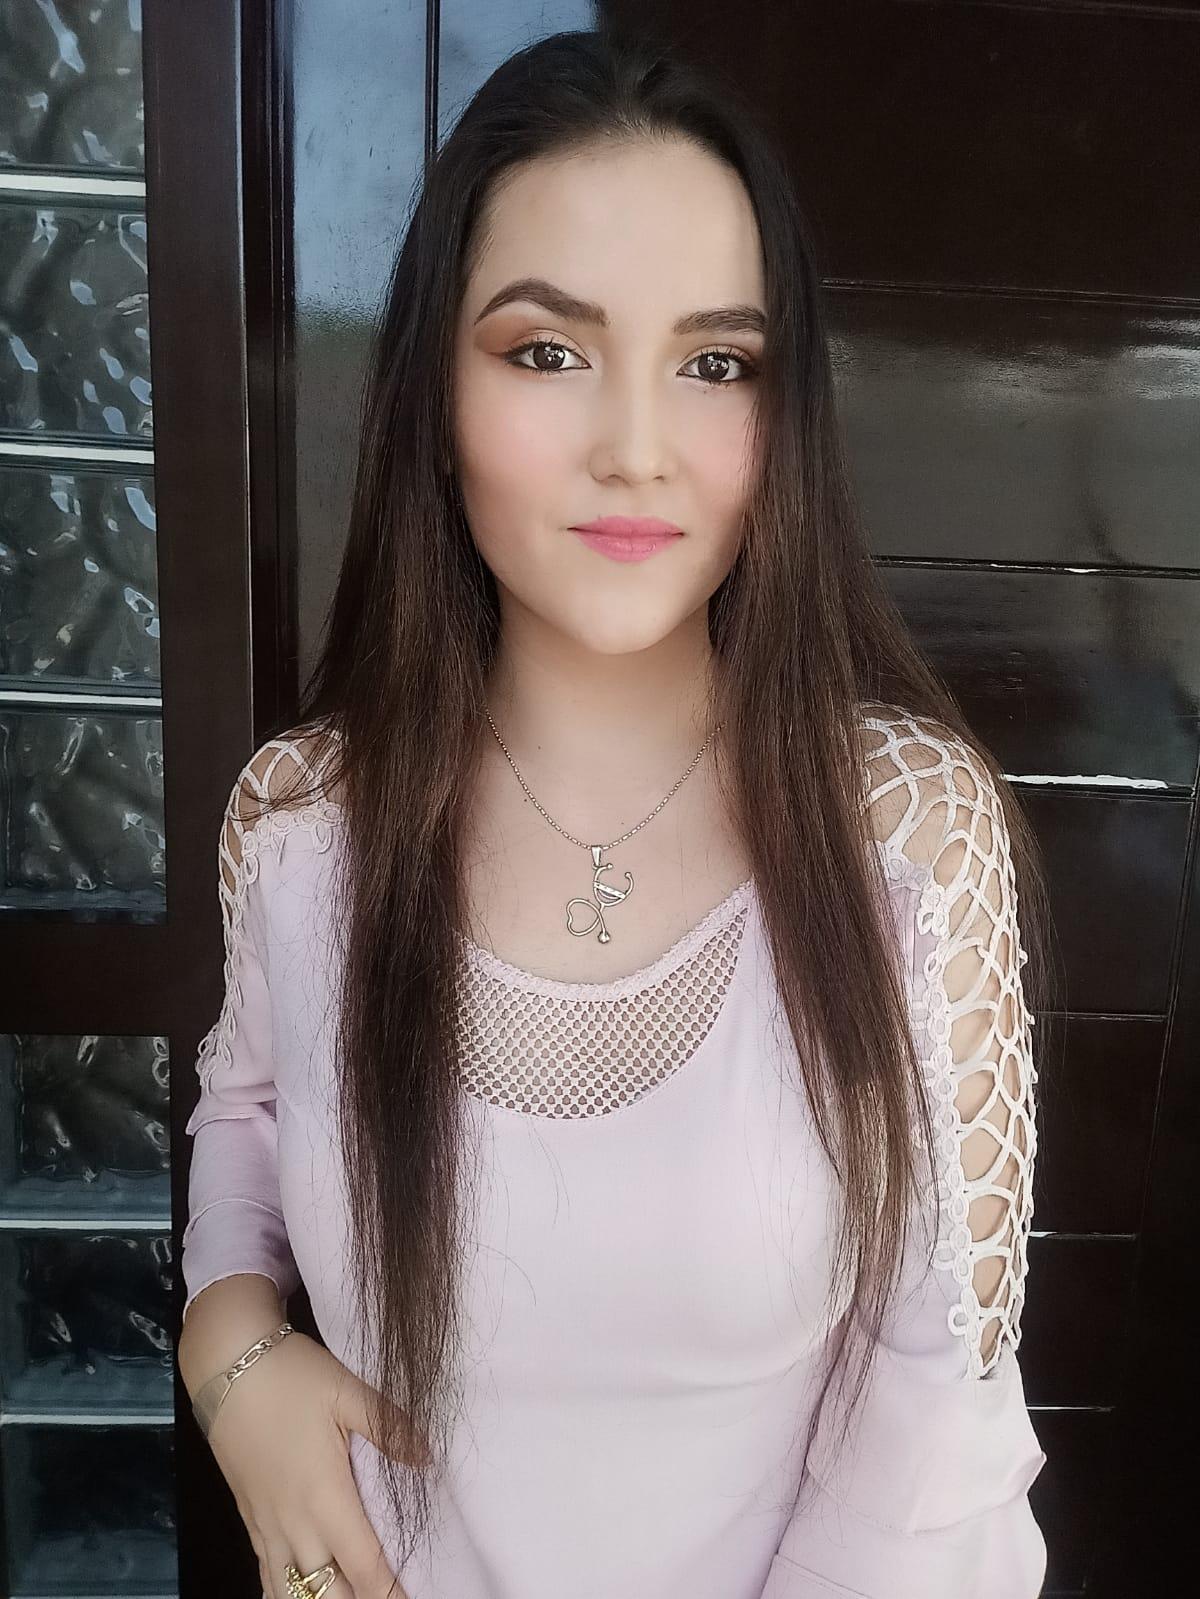 Stefanny Bejarano